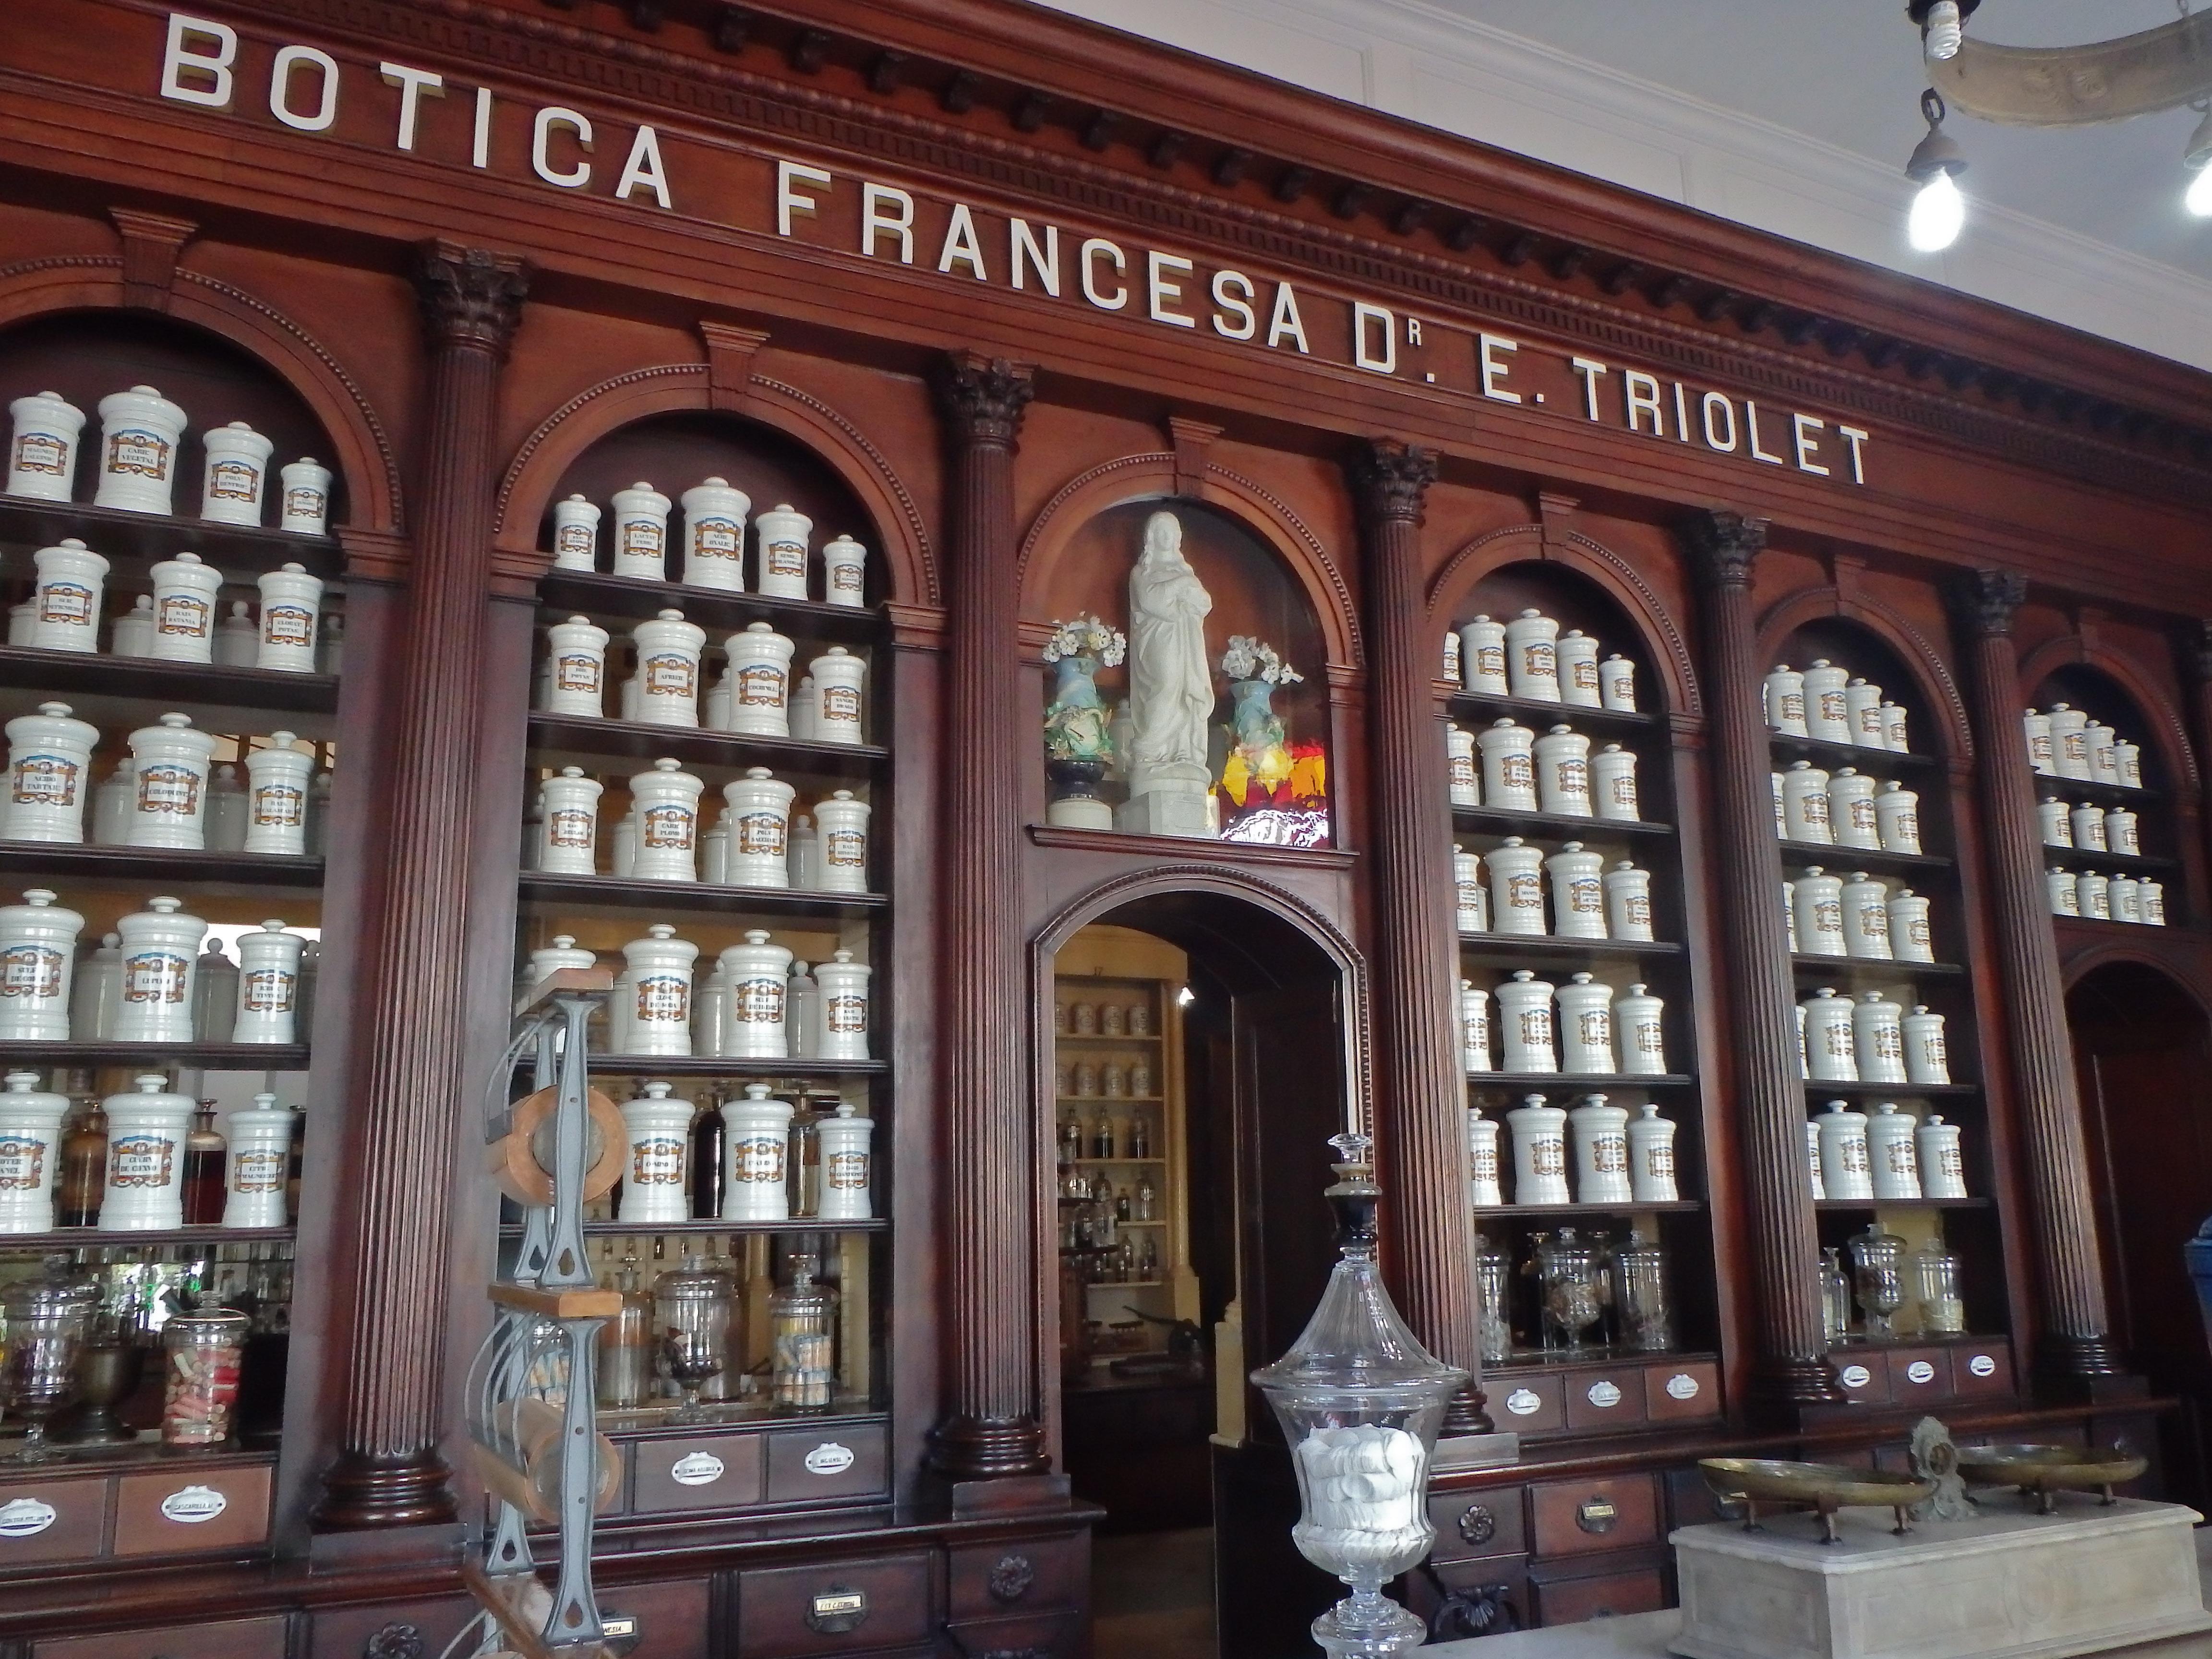 La Musee Farmacia in matanzas tourist attractions in matanzas cuba things to see in matanzas